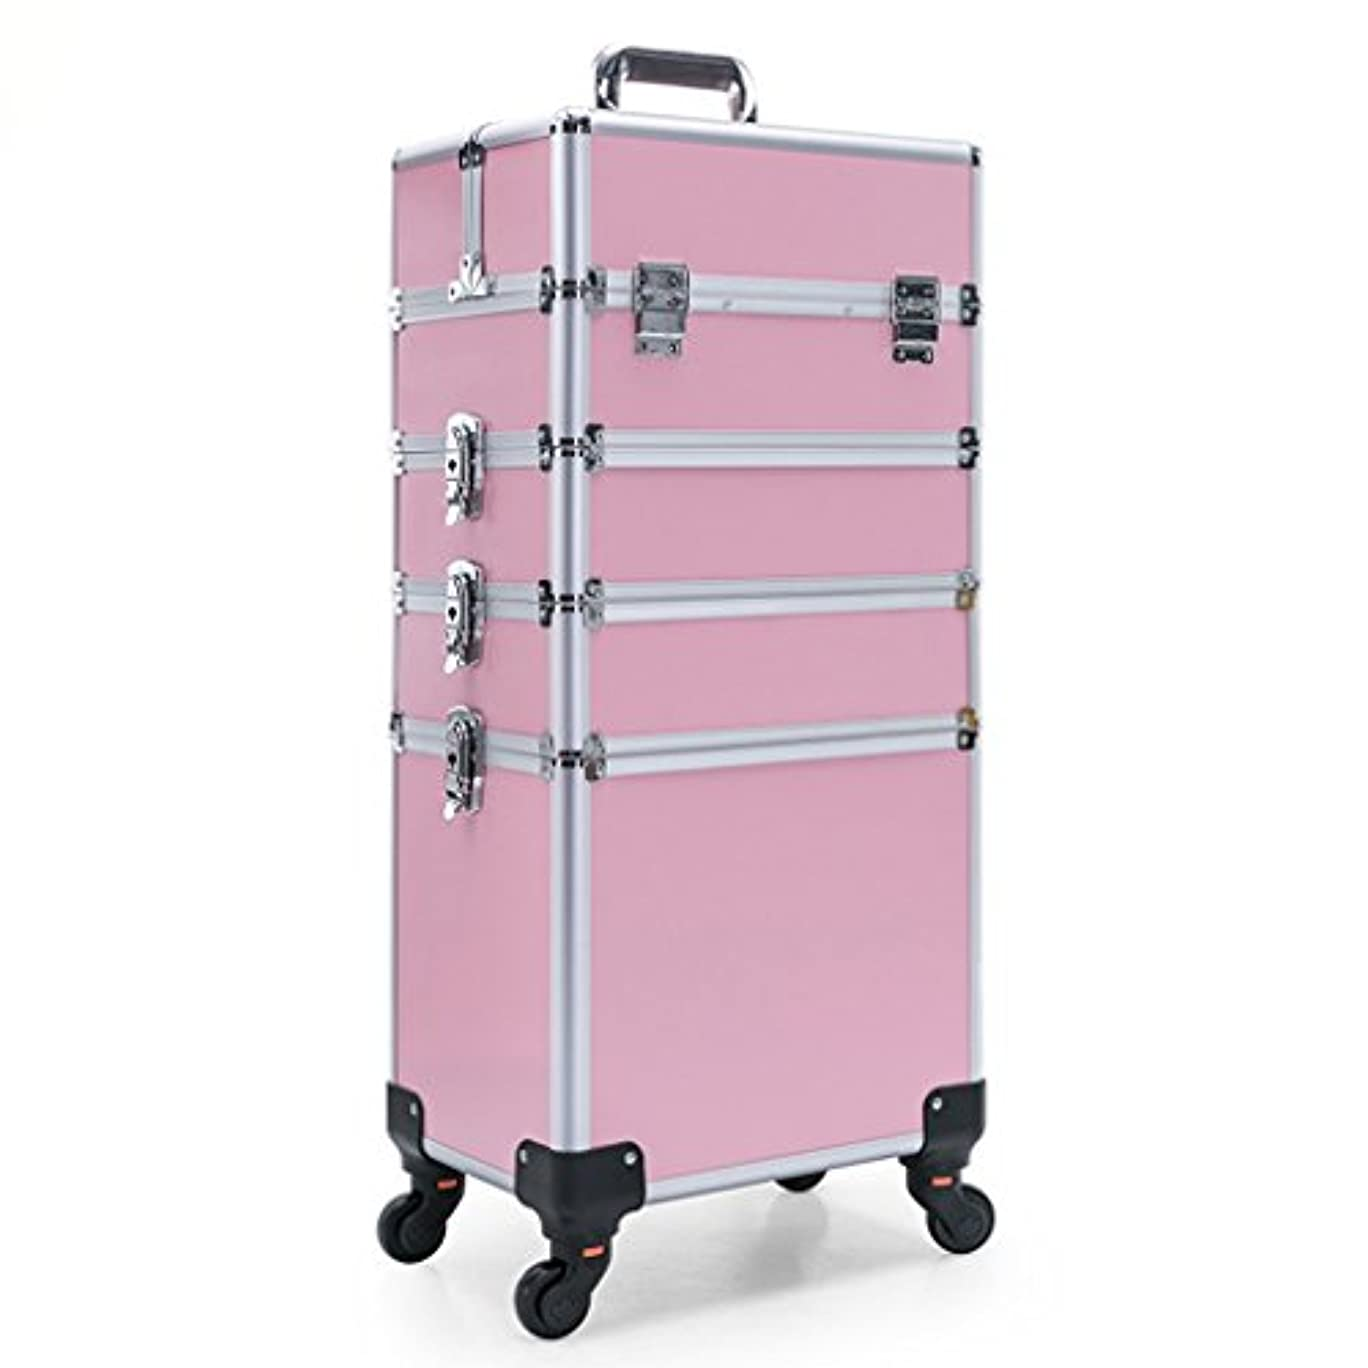 挑むカンガルーコレクション美容メイクアップケーストロリーアルミプロフェッショナル化粧箱ネイル、ジュエリー&ブラシ用ストレージケース